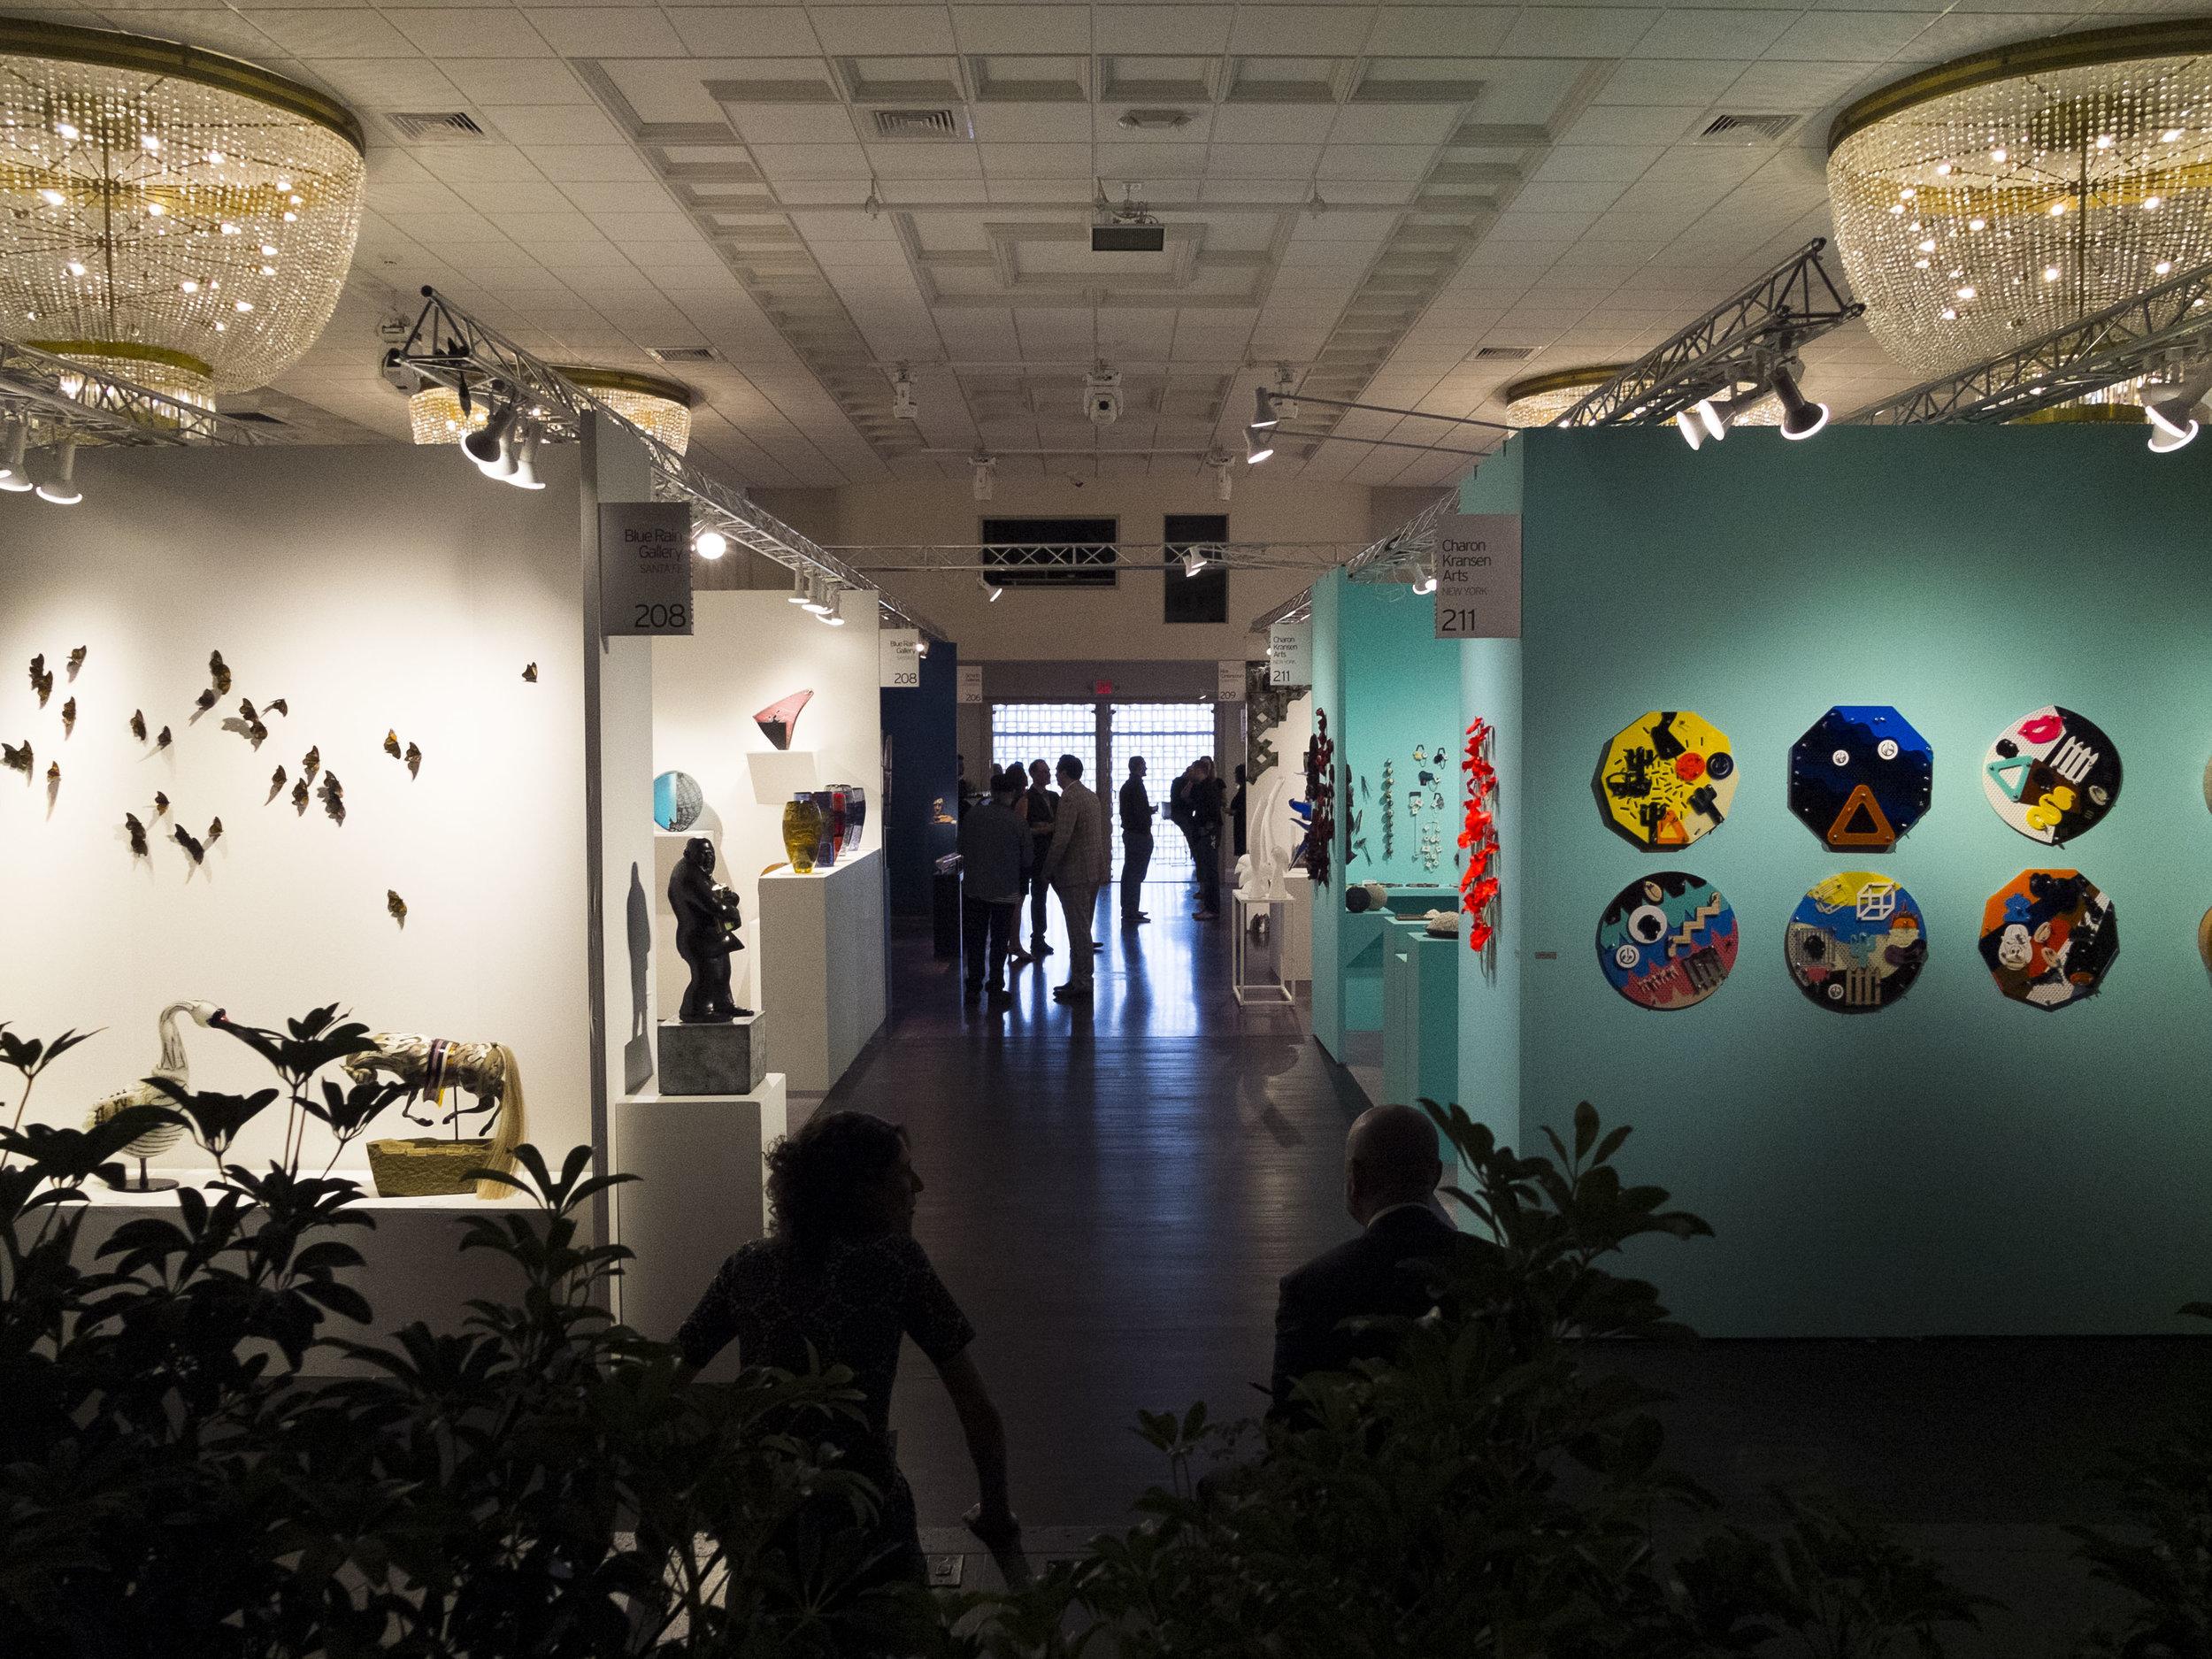 Emanuel Luxury Venue Miami Exhibition Space.jpg